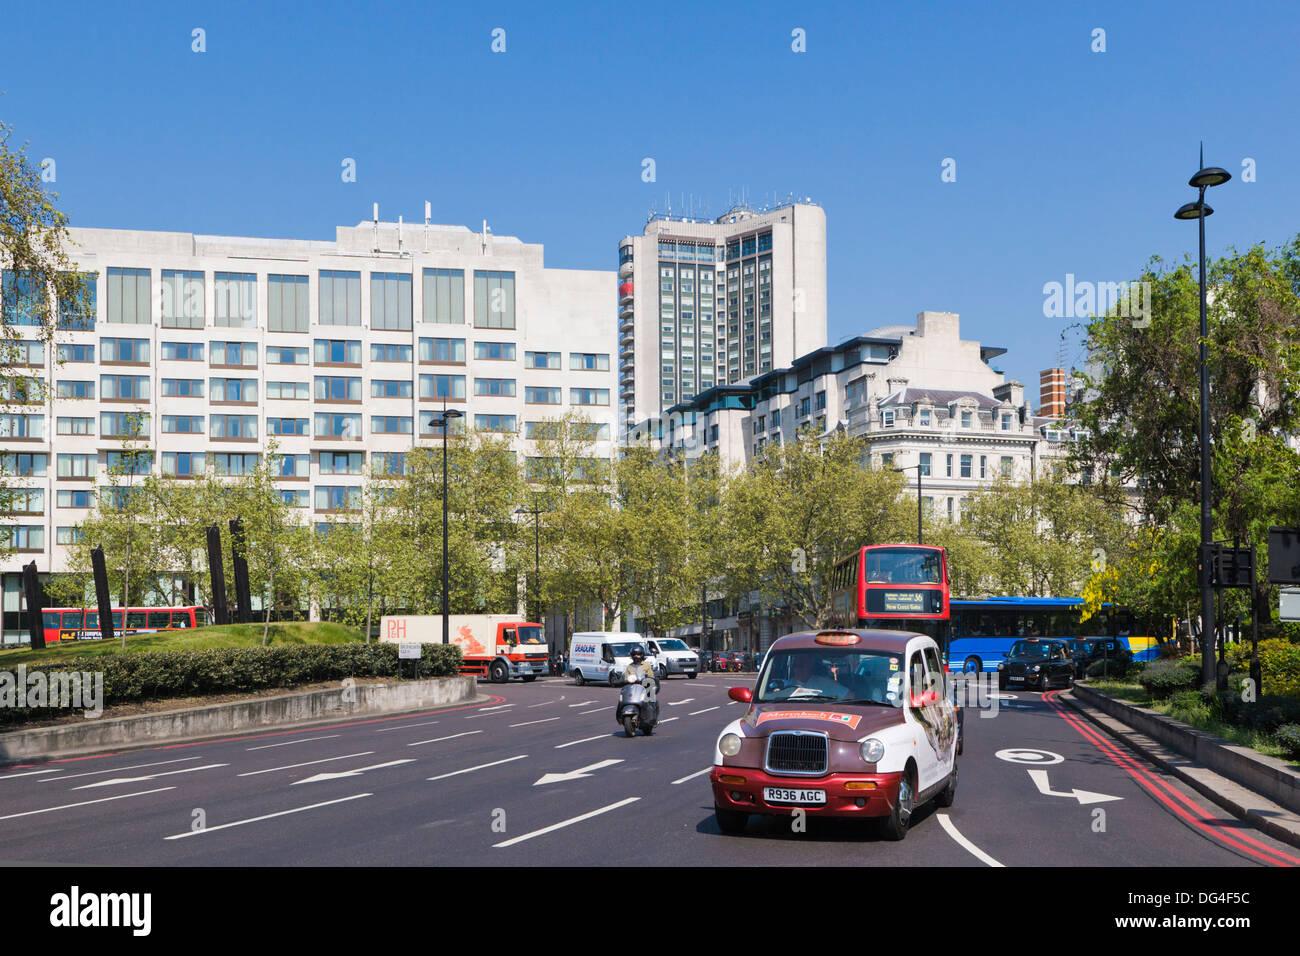 Duke of Wellington Place, Central London, England, UK - Stock Image